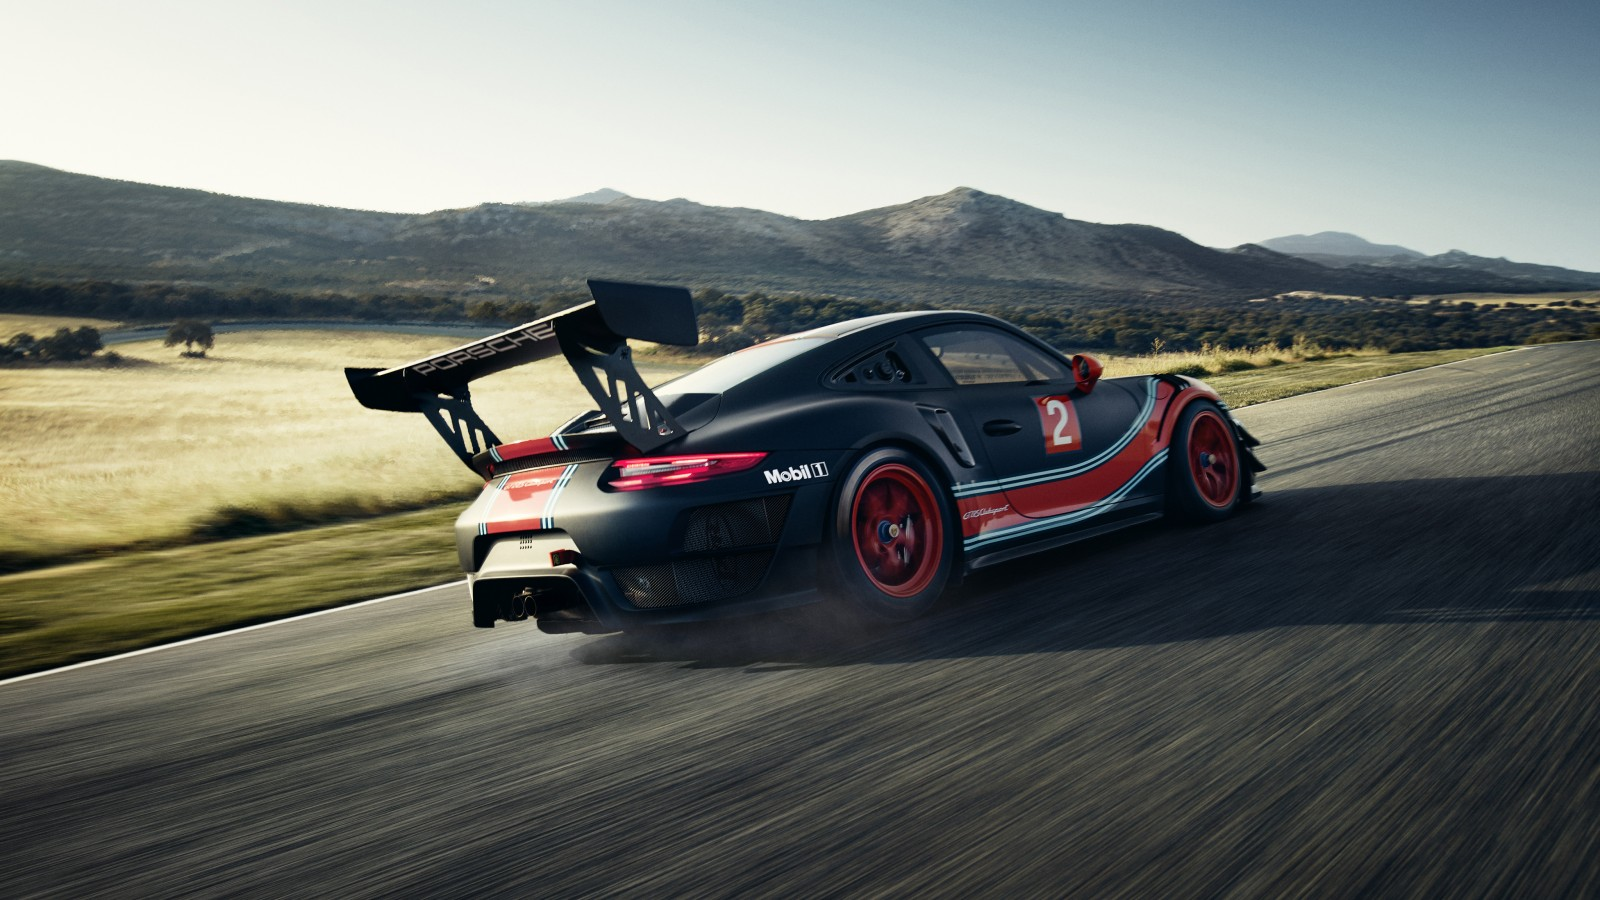 Sport Wallpaper Automobile: Porsche 911 GT2 RS Clubsport 2019 4K 2 Wallpaper